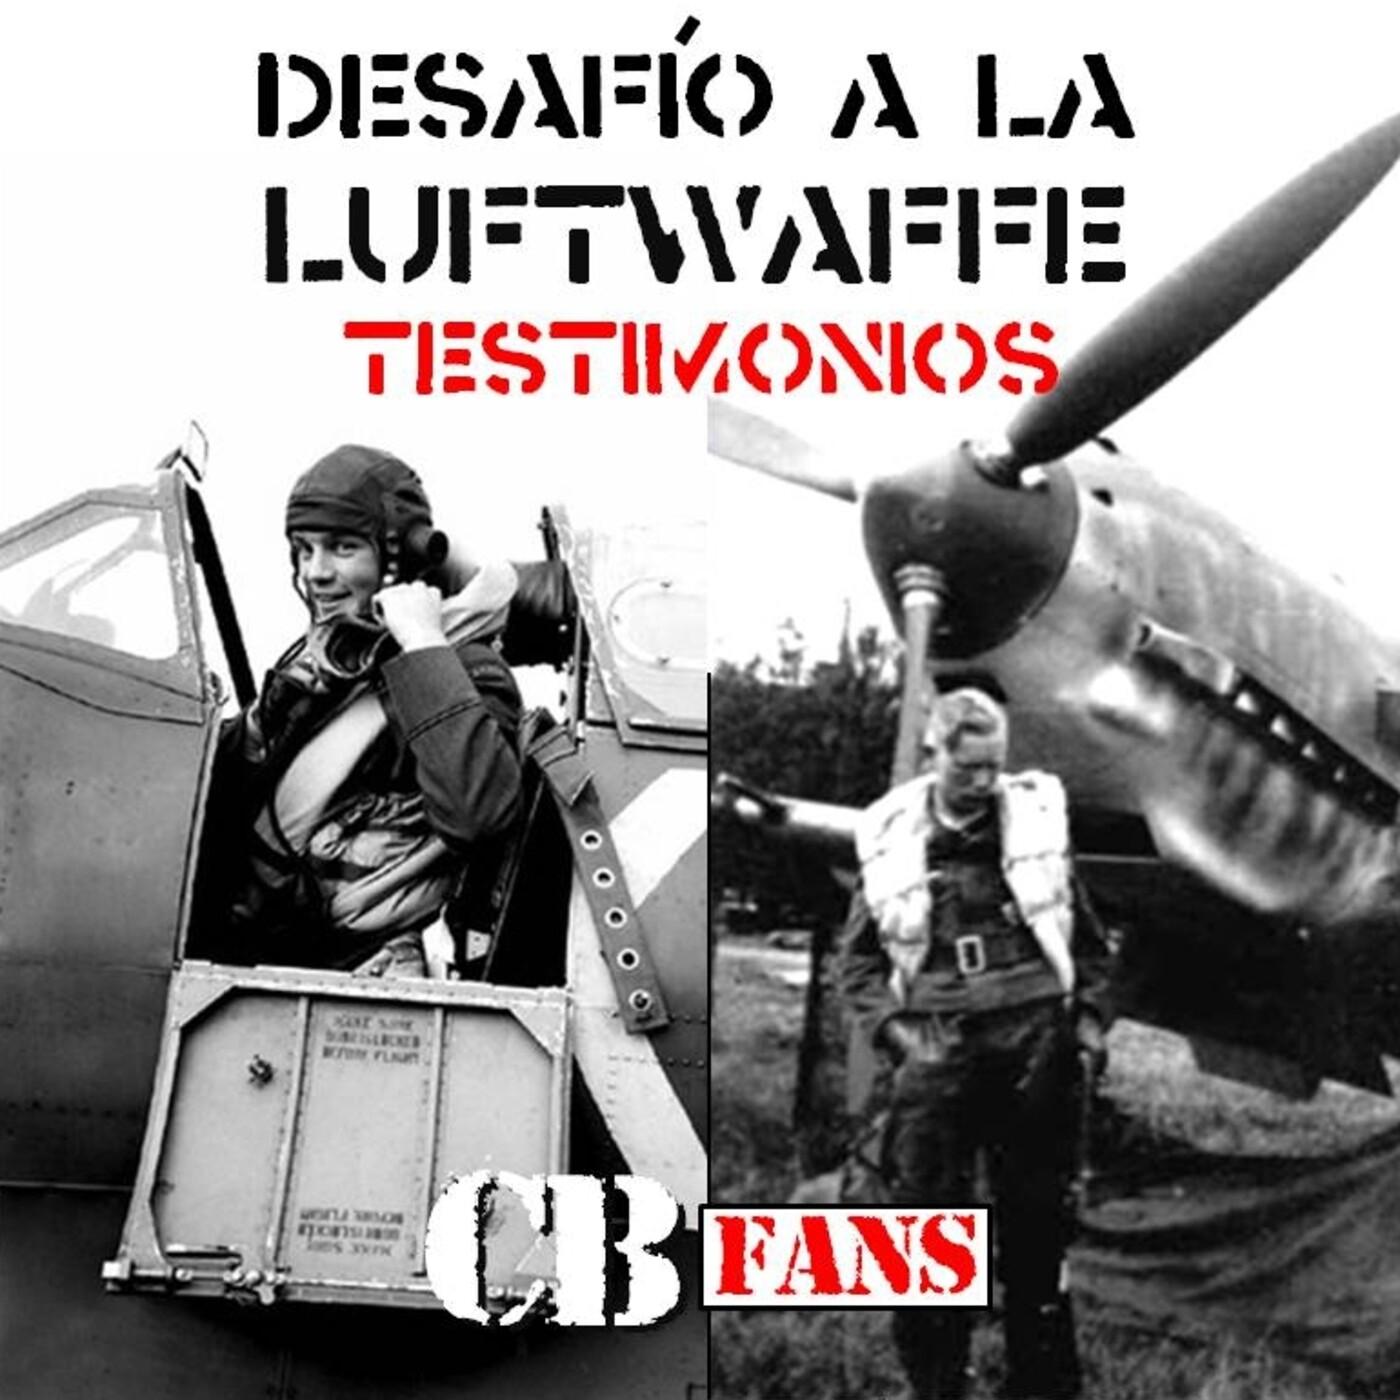 CB FANS 💥 Relatos de Aviadores 1941/42 Canal de la Mancha